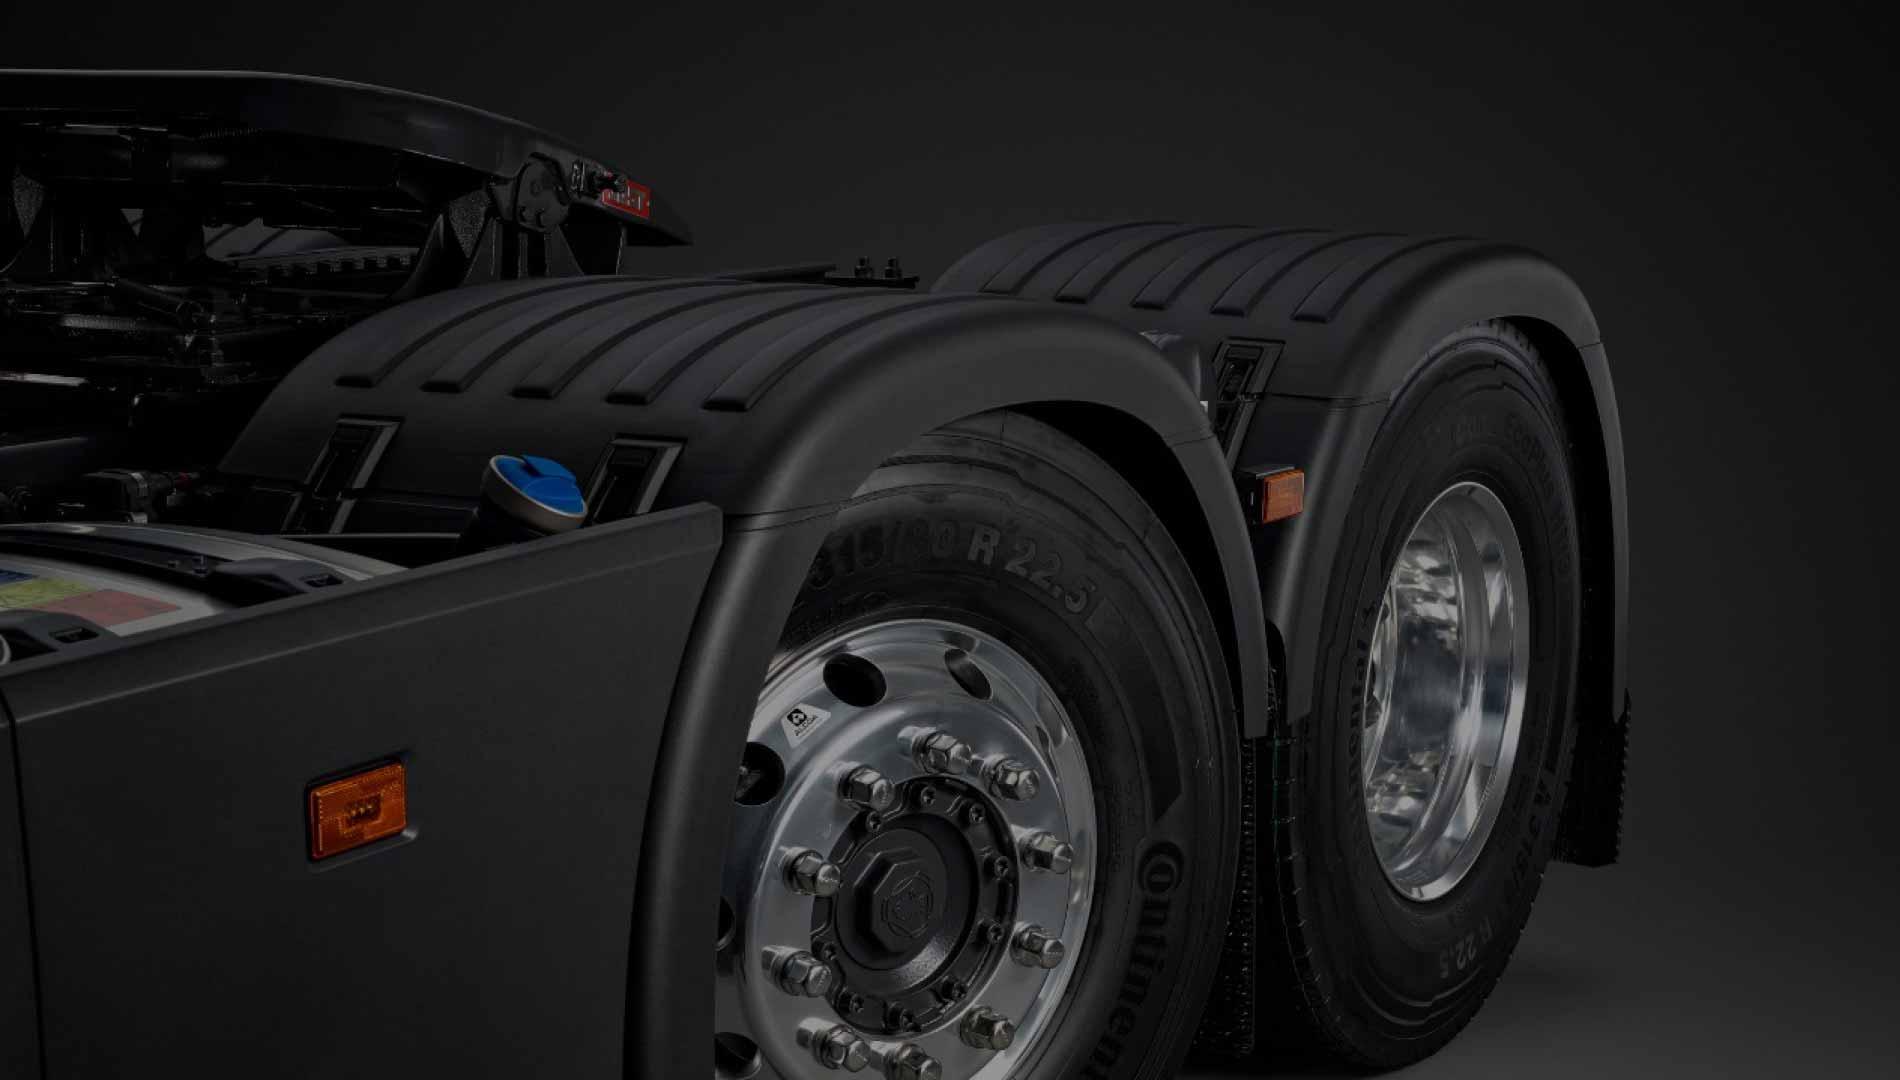 Характеристики и спецификации модельного ряда Scania (Скания) серии S